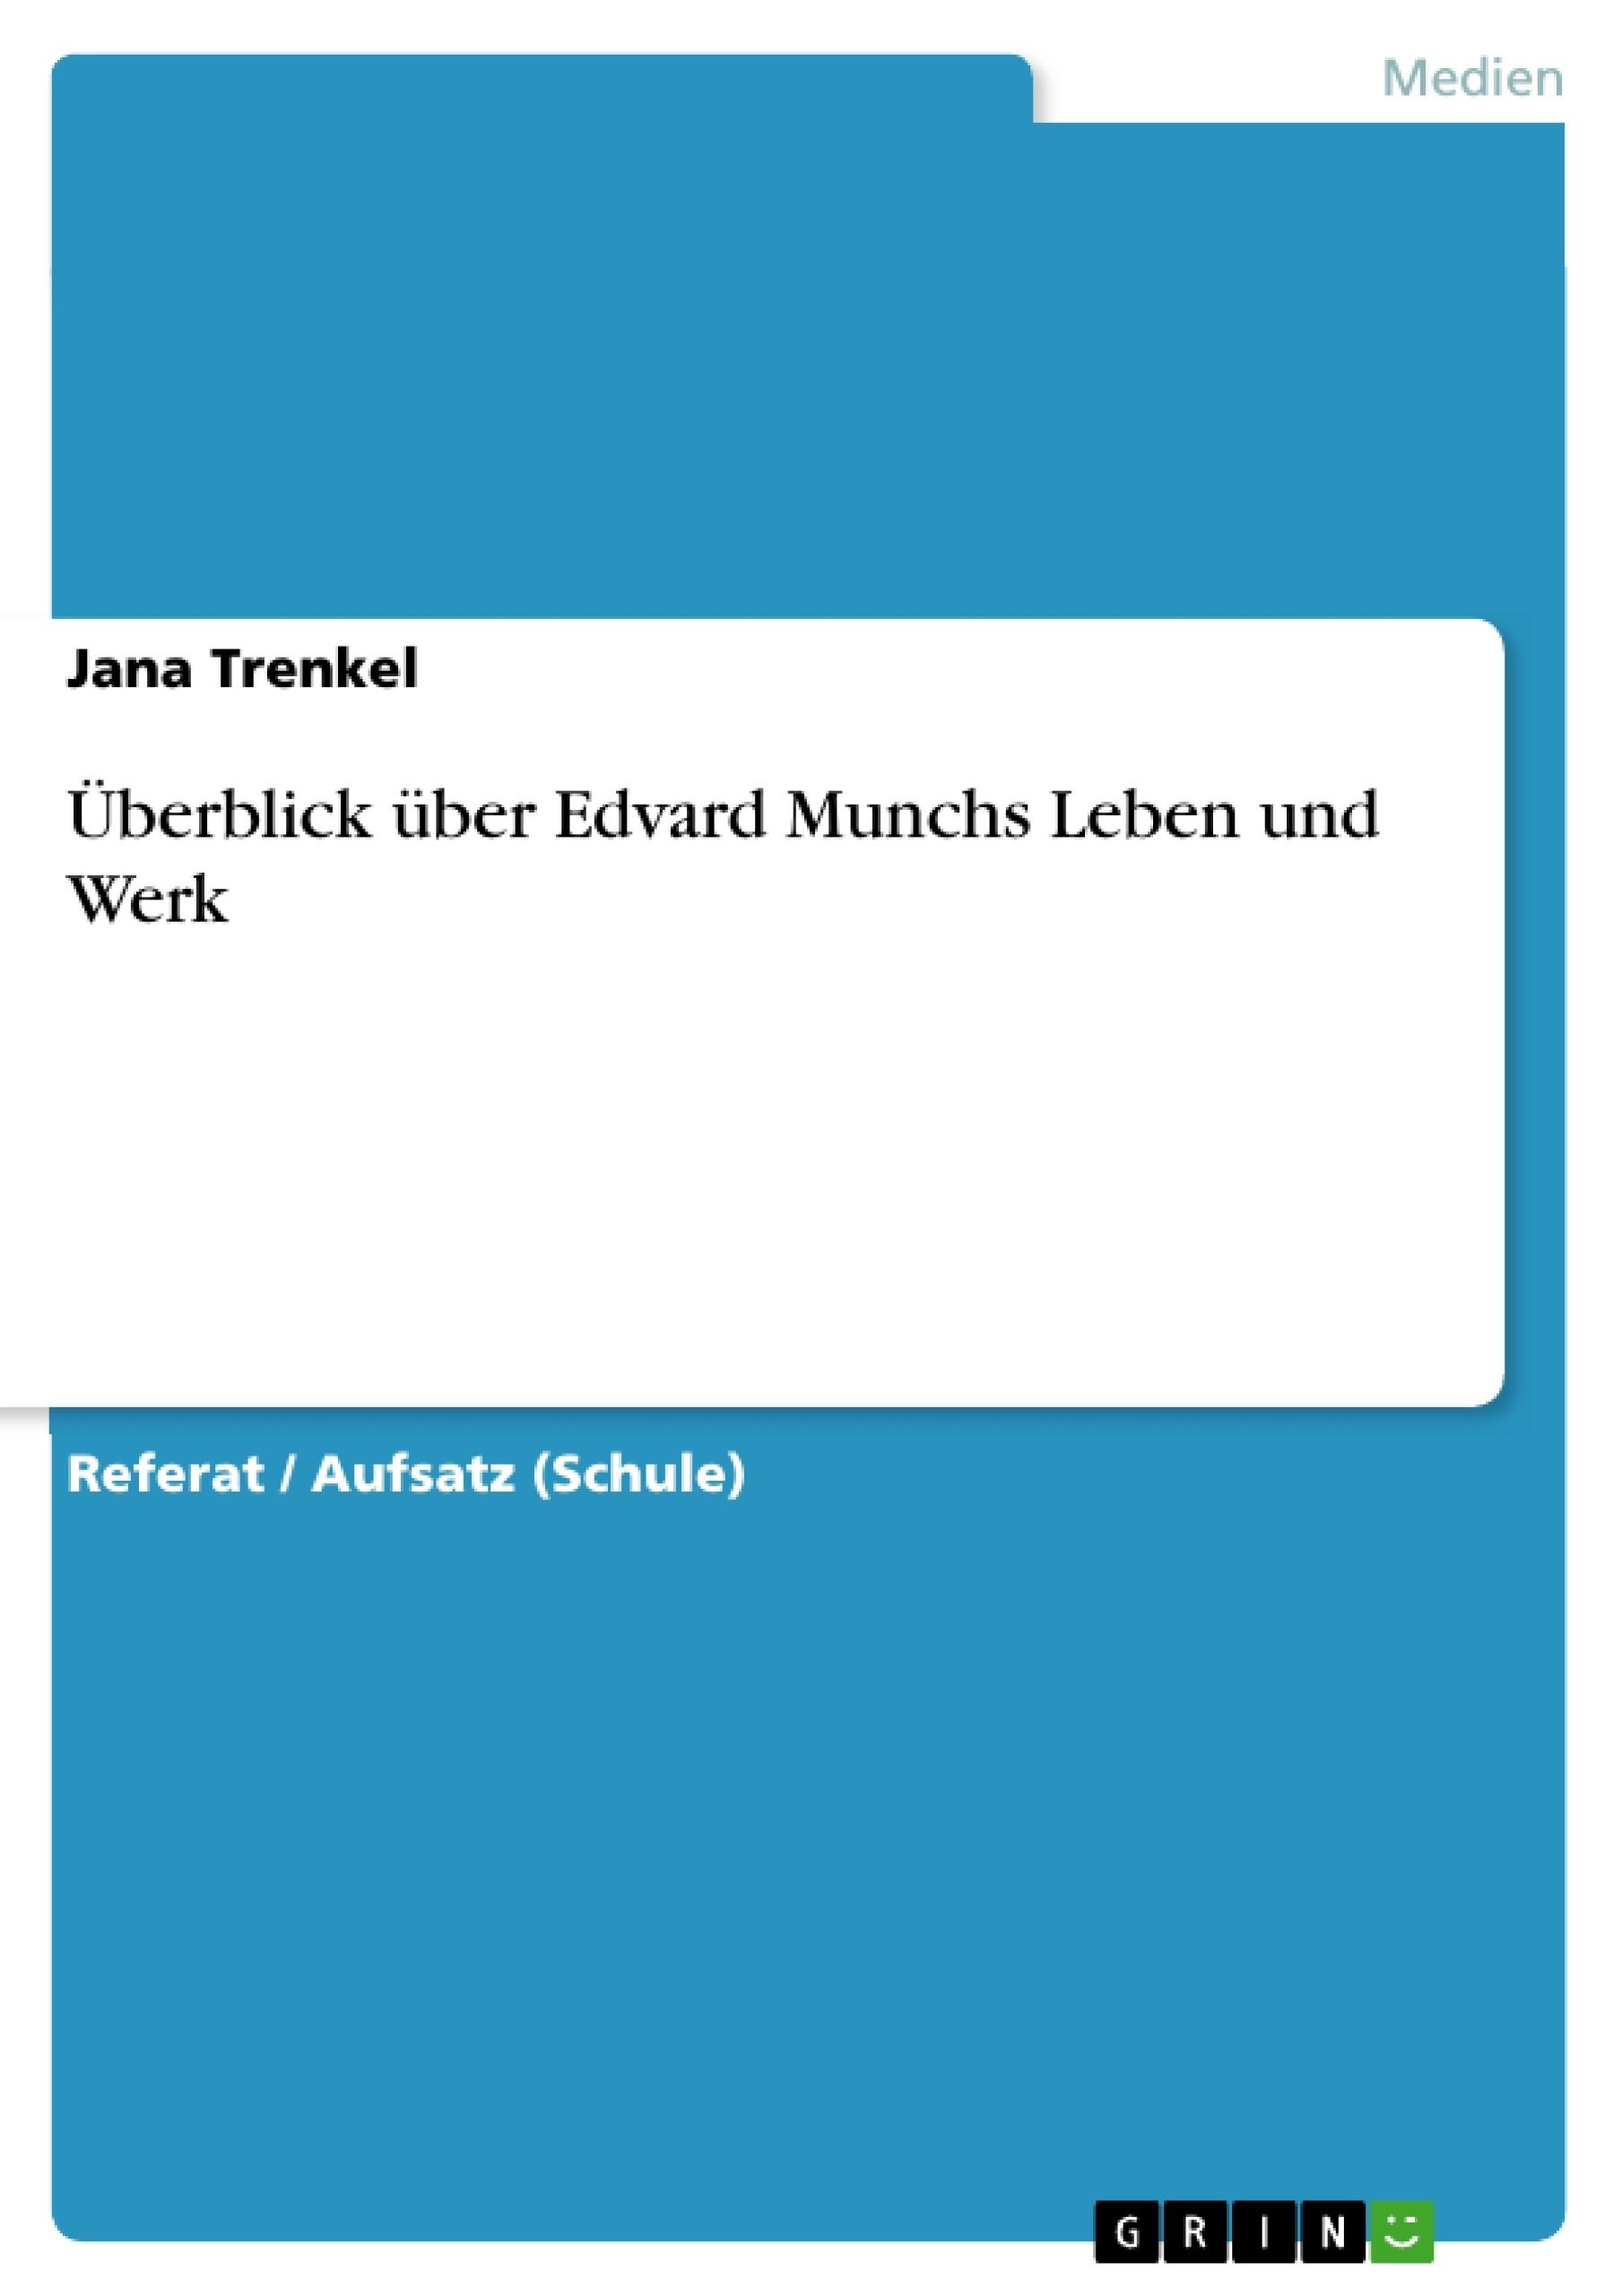 Titel: Überblick über Edvard Munchs Leben und Werk